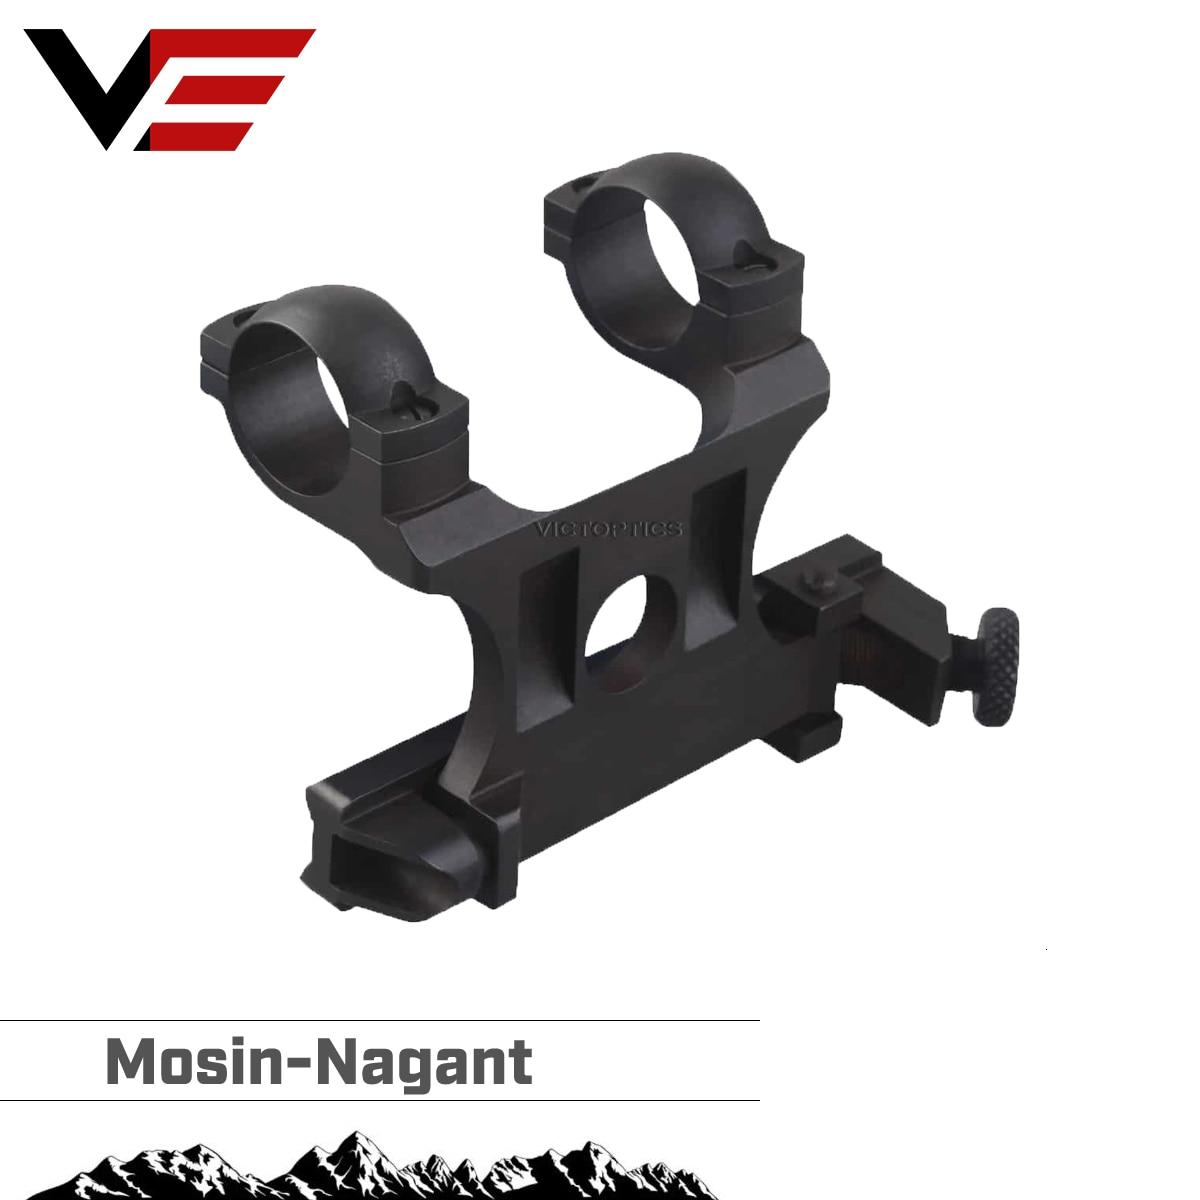 Óptica do vetor réplica mosin nagant escopo montagem em aço lateral para 25.4mm 1 Polegada riflescope